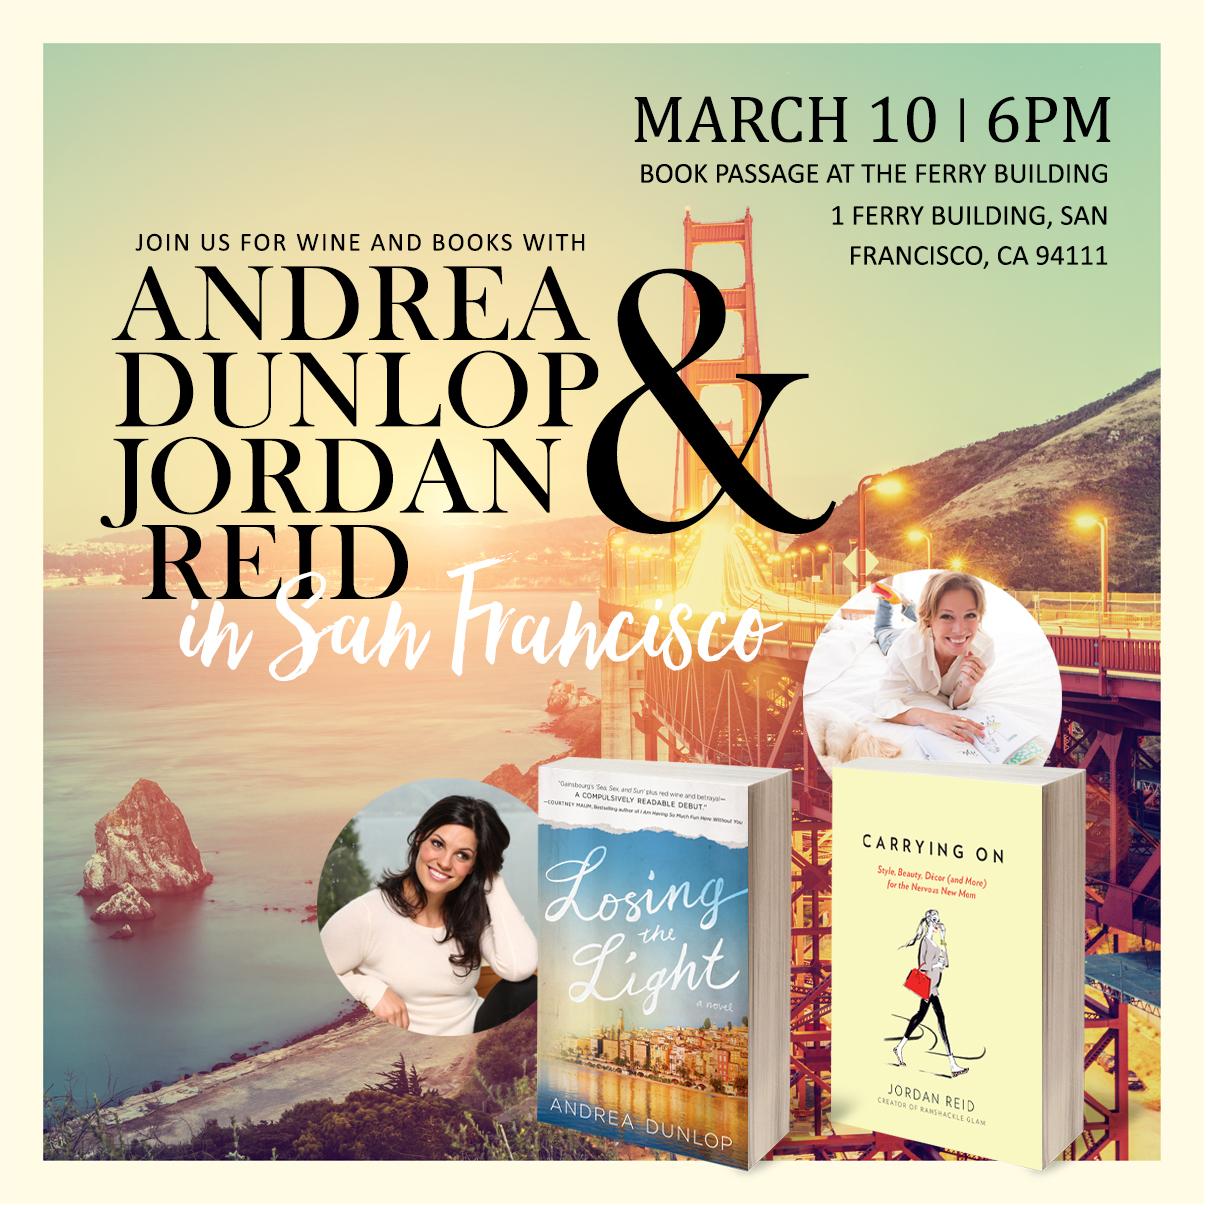 Jordan Reid and Andrea Dunlop book event